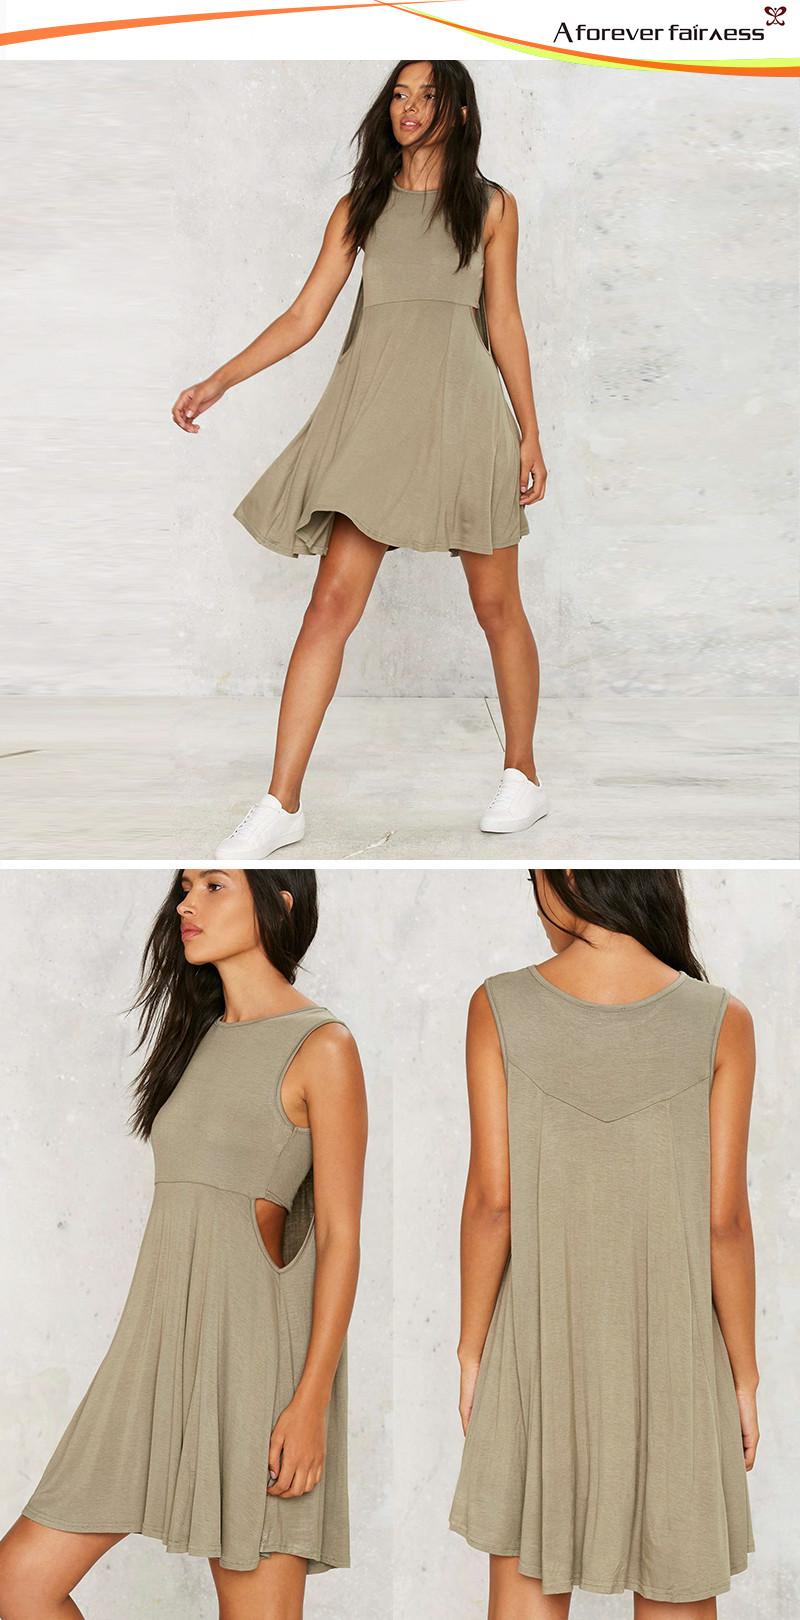 100% Cotton Breathable Dress